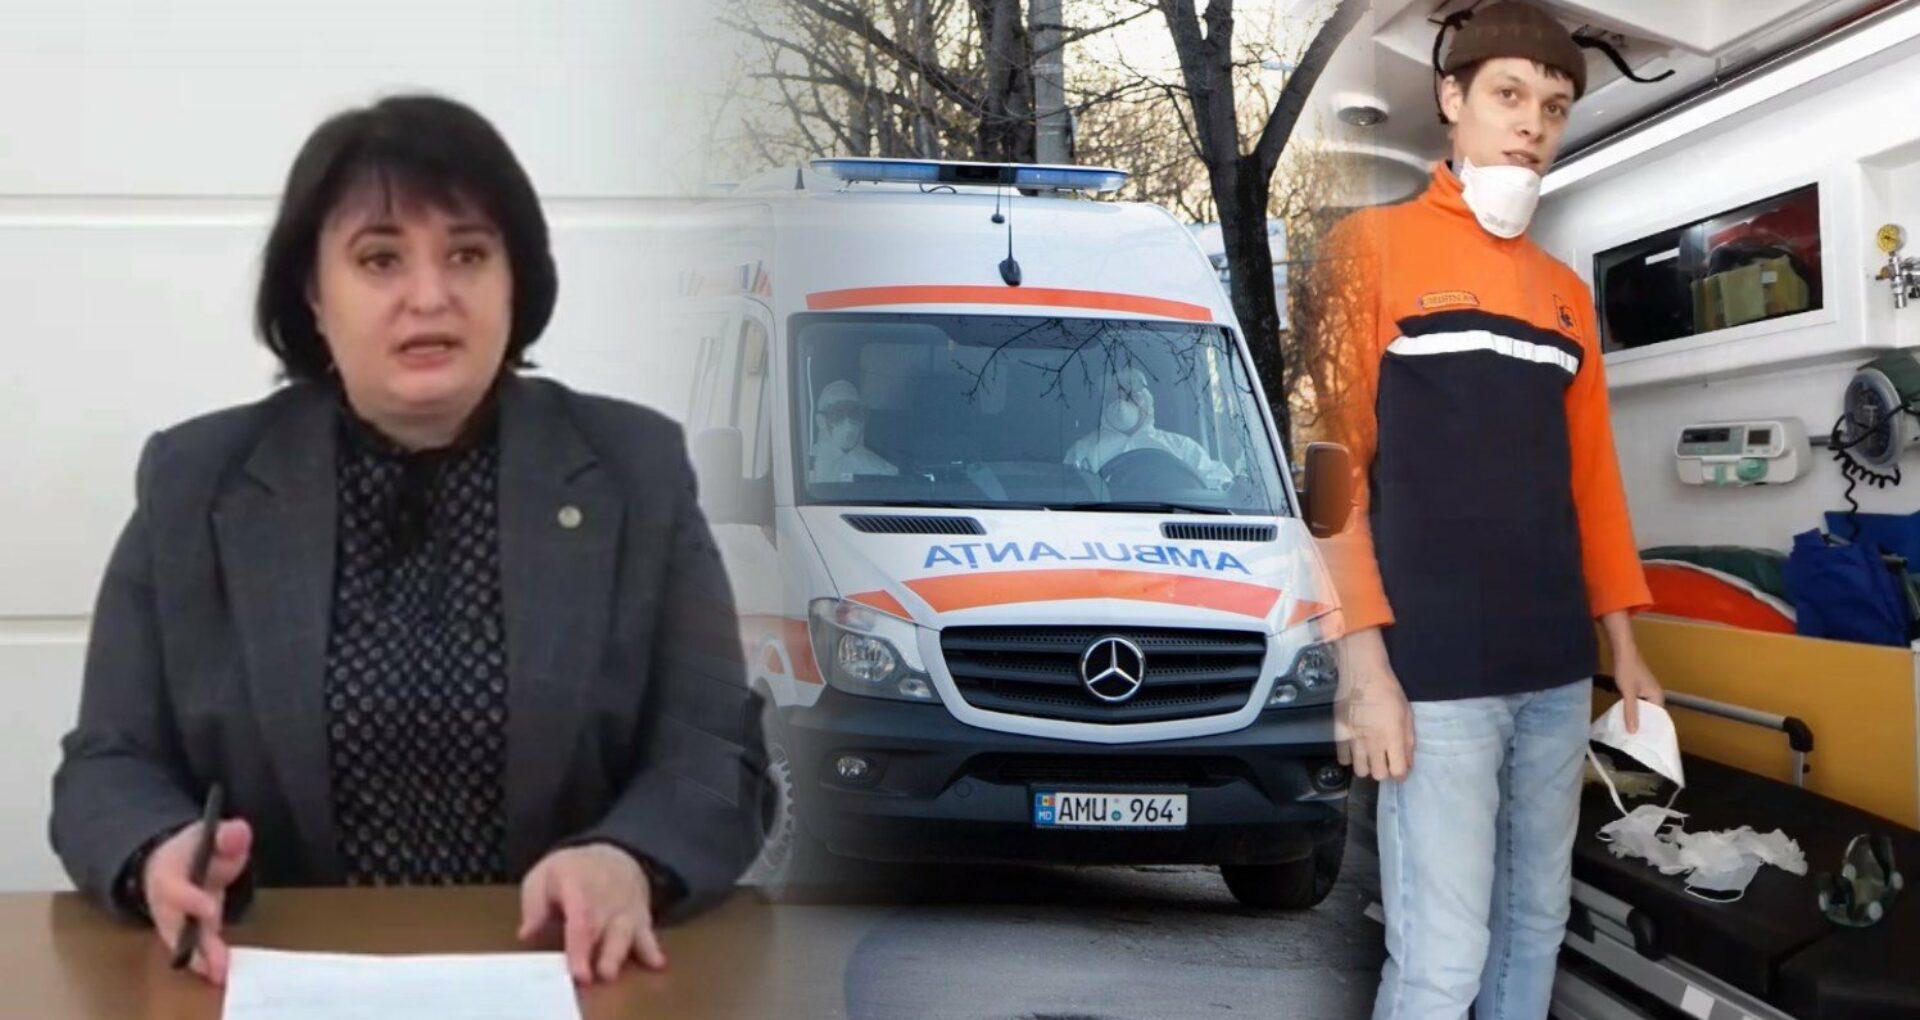 """Clipul video în care un lucrător medical îi arăta ministrei cu ce echipamente sunt dotați a fost șters. """"Am fost rugat insistent"""""""